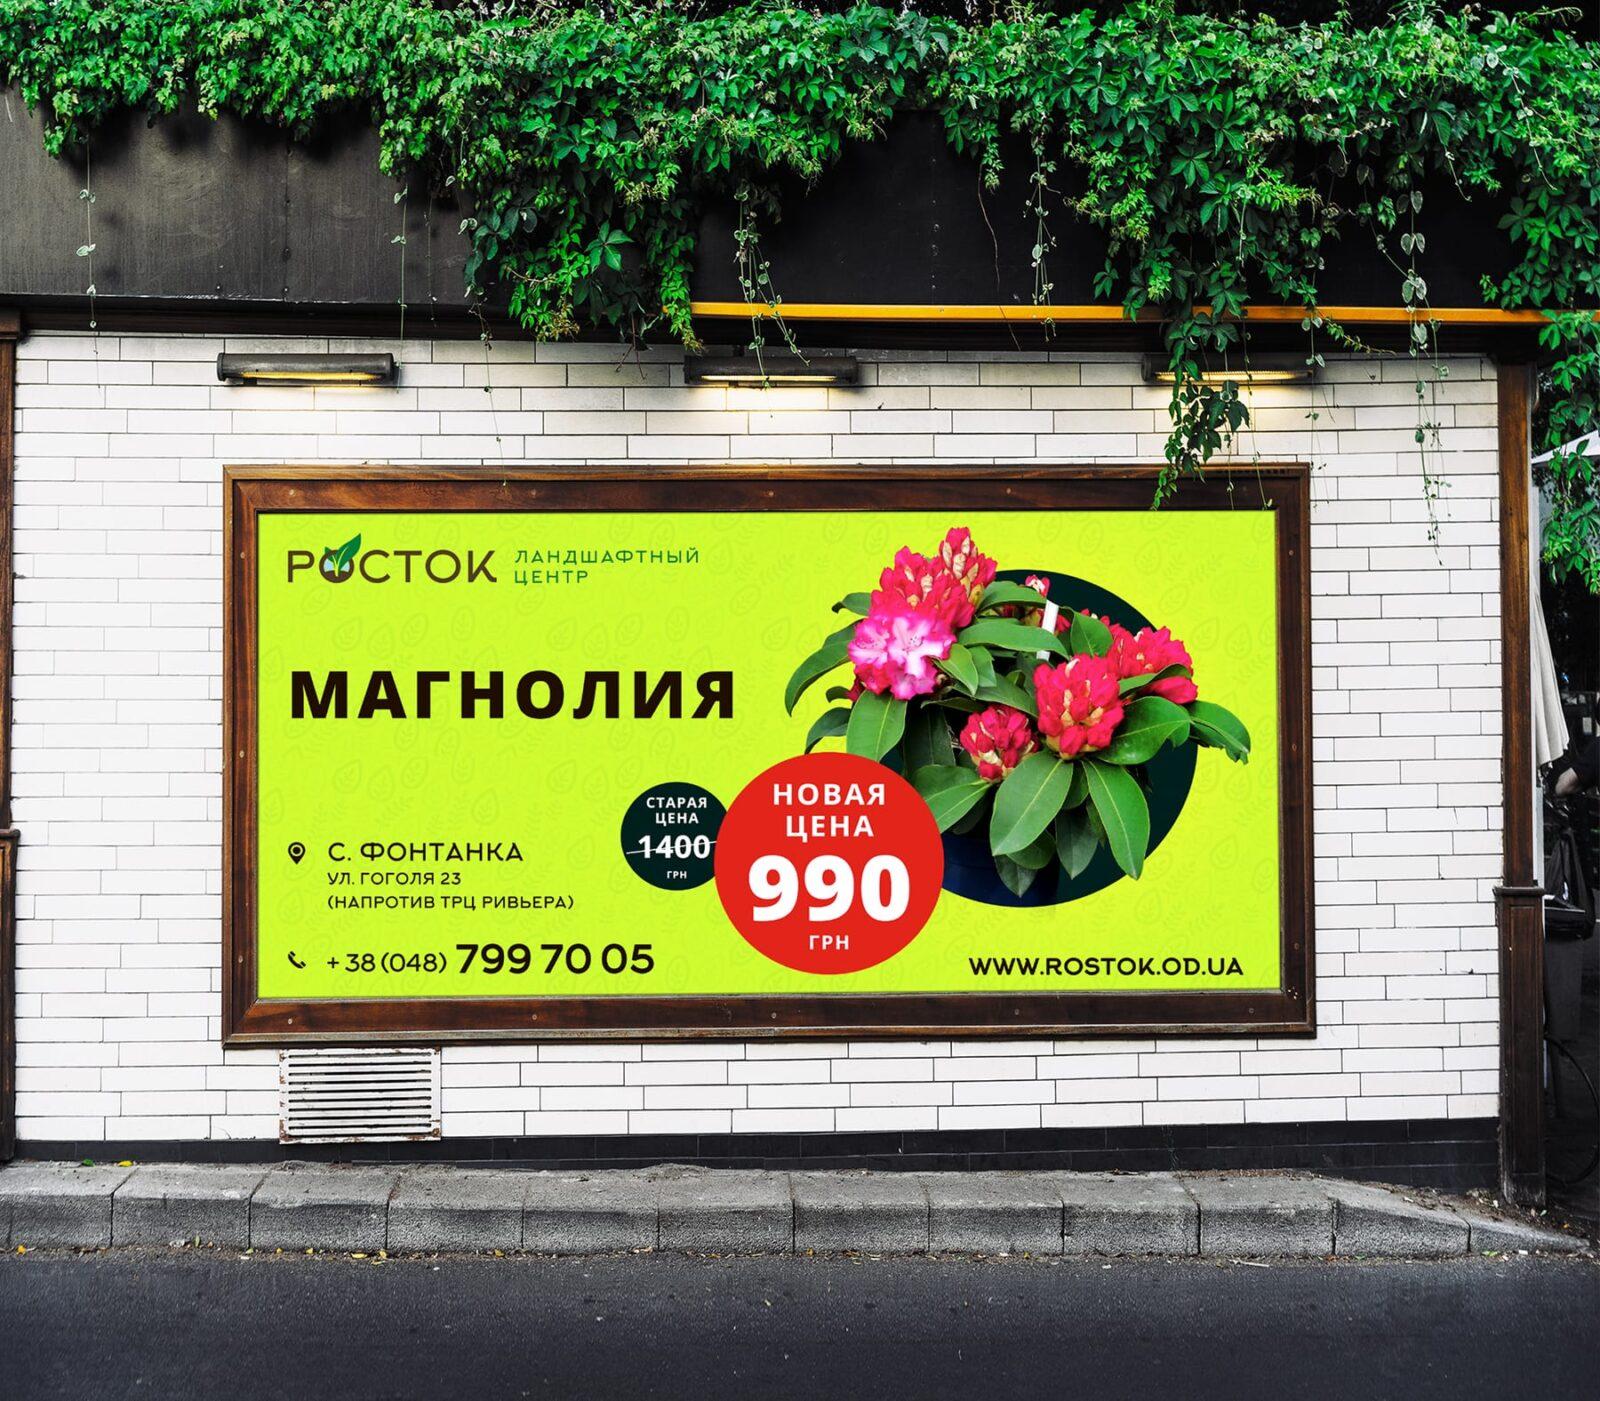 дизайн наружной рекламы в Одесса